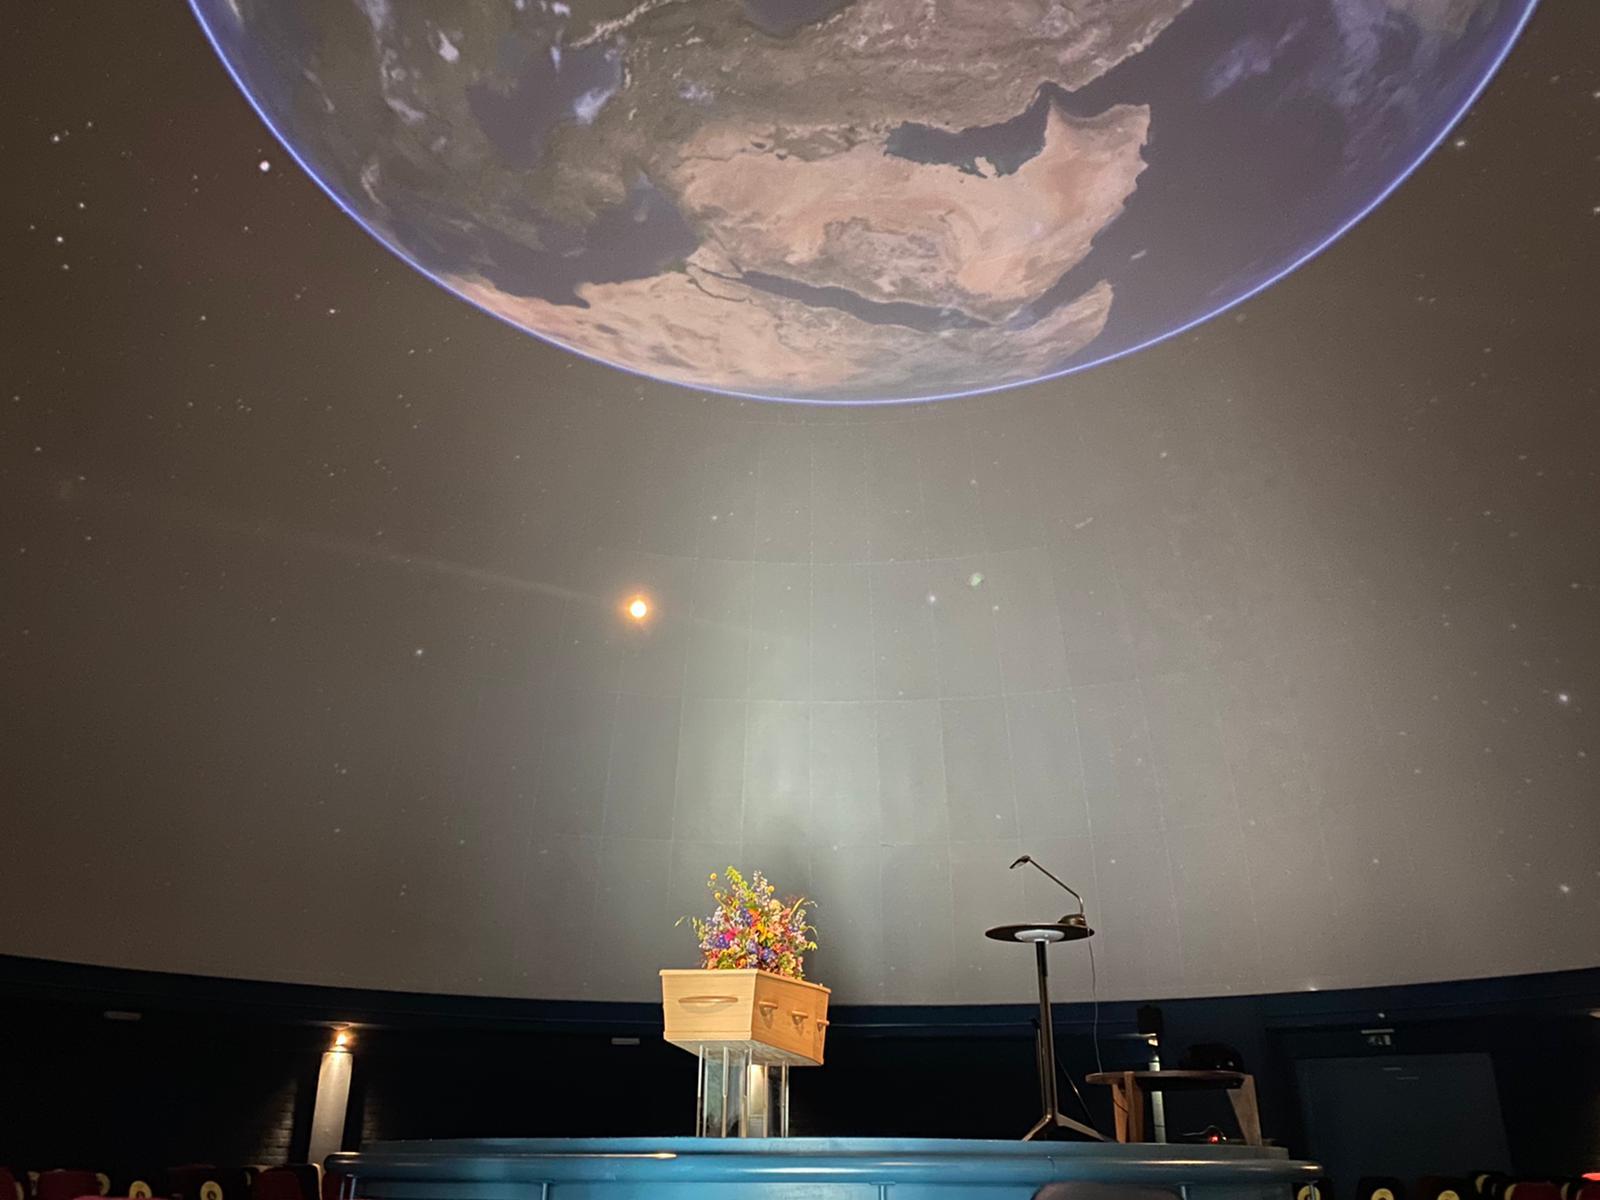 planetarium-artis-amsterdam-afscheid